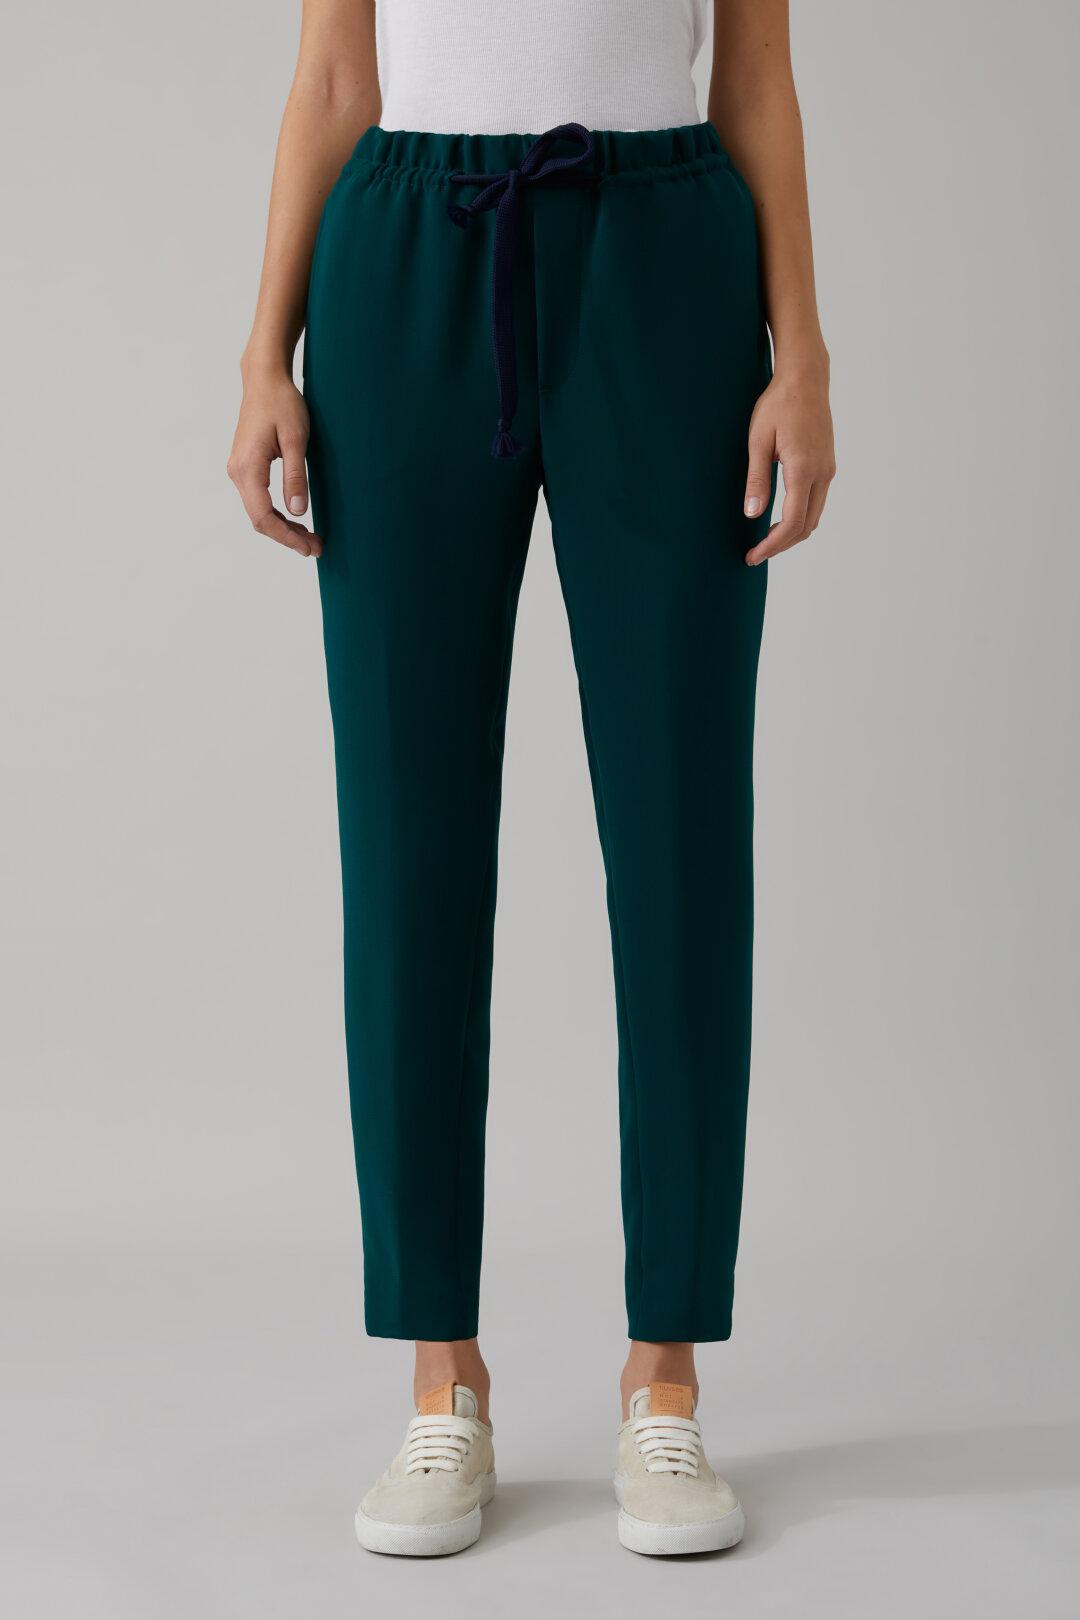 Pants Blanch